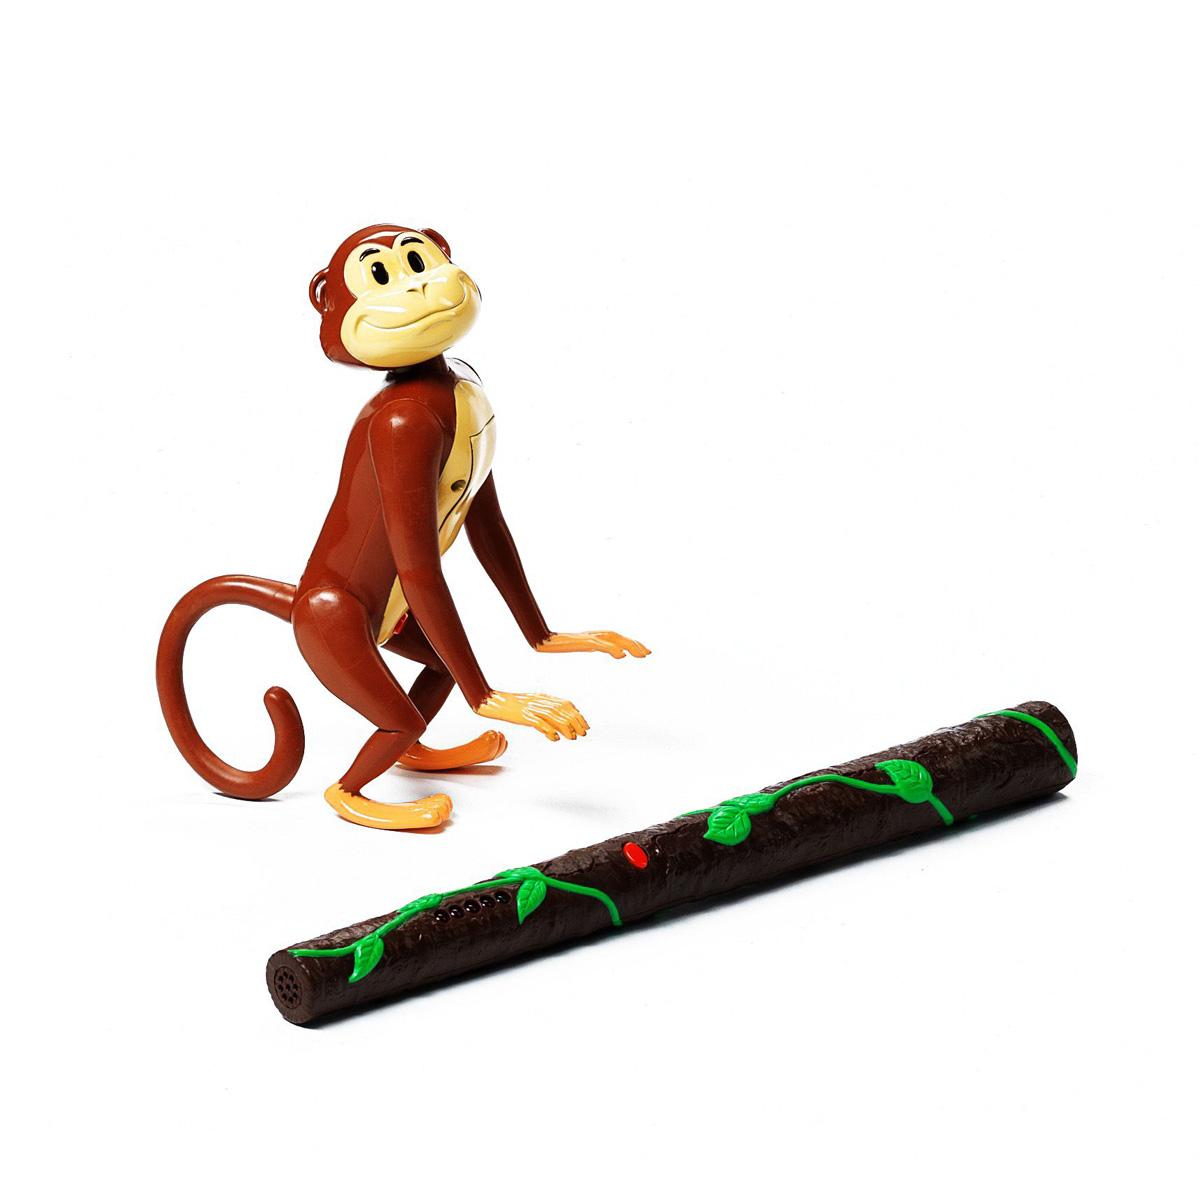 Игра Сафари. Спрячь и найди!ВВ0967Как думаете, легко ли найти маленькую обезьянку в непроходимых тропических джунглях? А в недрах целой комнаты? Известно, что в прятки надо играть как минимум вдвоем, но для нашей игры в Сафари Прятки ведущему достаточно будет только спрятать в укромном месте маленькую озорную обезьянку. А основной игрок, с компанией или в одиночку, отправится в сафари по комнате в поисках пропажи. А поможет ему выследить обезьянку необычная волшебная палочка. Когда игрок будет подходить близко к тайному месту, то палочка будет издавать специальный звук, и на ней будут загораться индикатор. А если обезьянка окажется совсем рядом, то загорится зеленая лампочка и сигнал станет совсем сильным. Только торопитесь, обезьянку можно найти только в течение 20 минут после начала игры! Не правда ли, похоже на детскую забаву холодно-горячо?